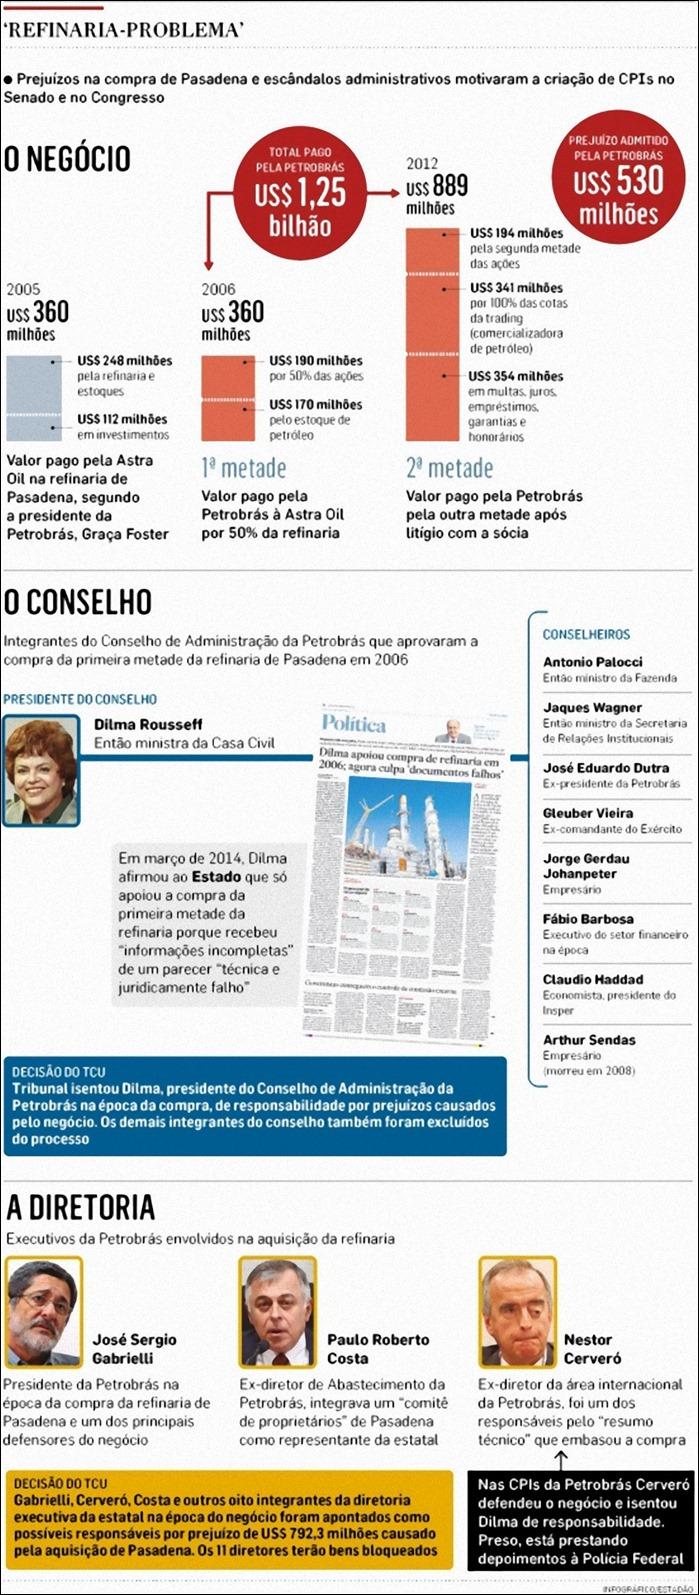 _petrolao_refinaria_de_pasadena_responsabilidade_do_conselho_e